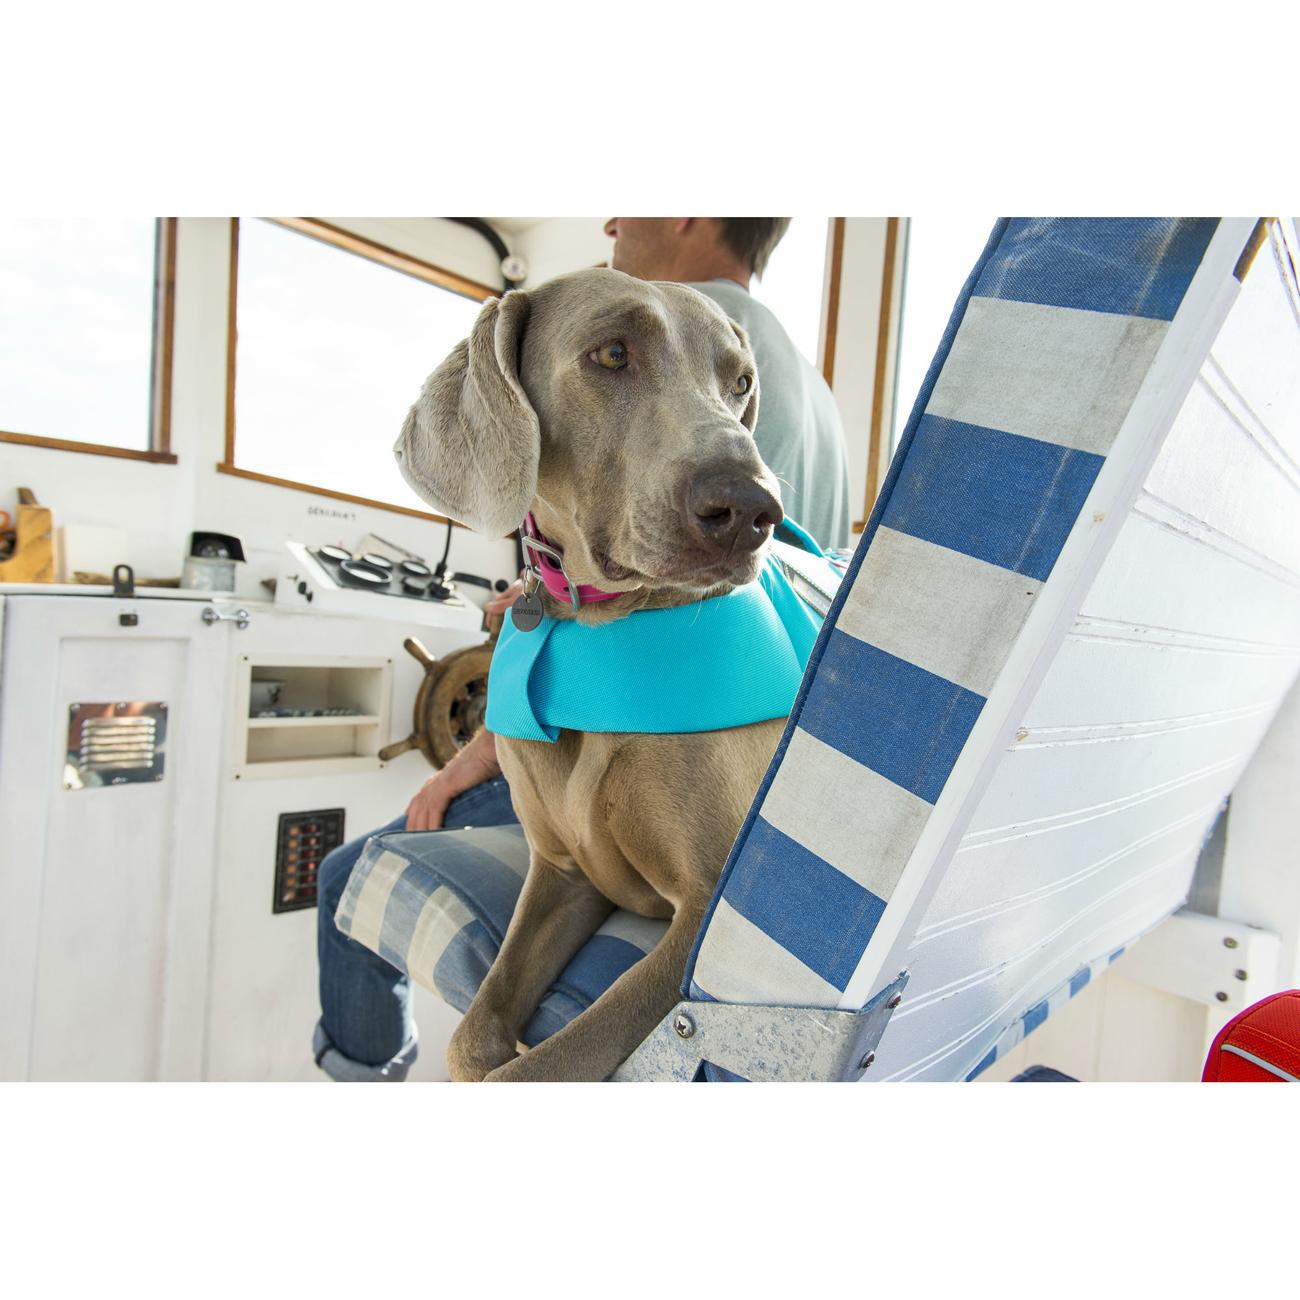 Ruffwear Float Coat Schwimmweste für Hunde, Bild 12